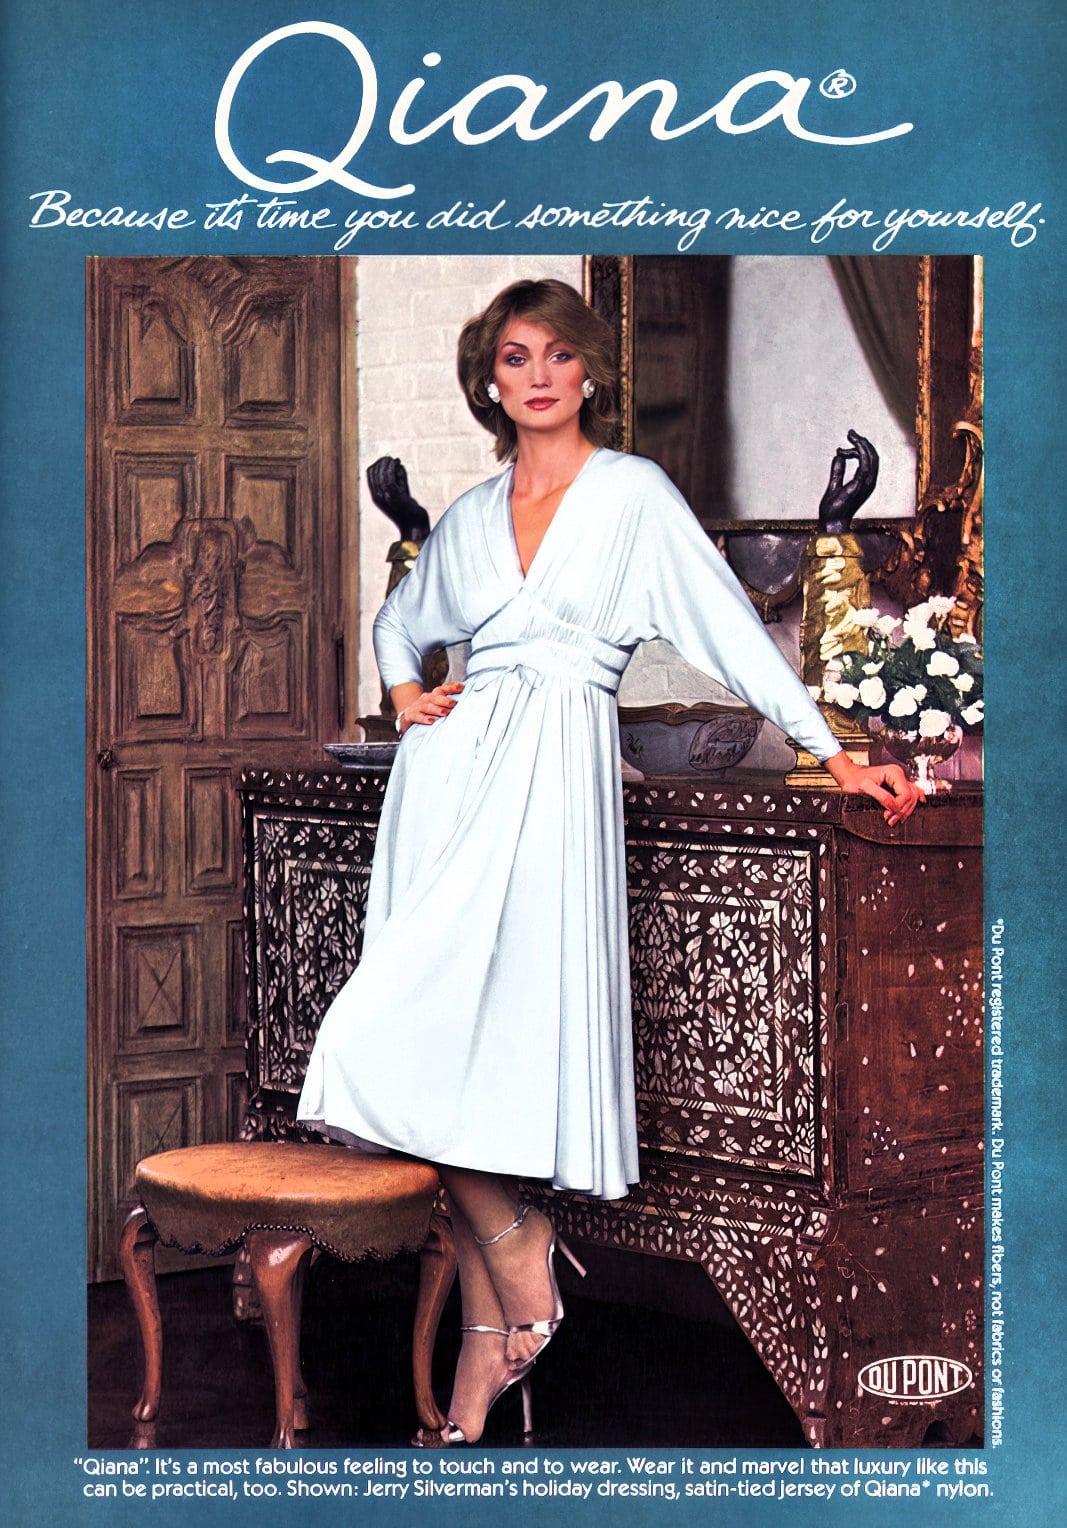 Qiana fashions for women (1978)